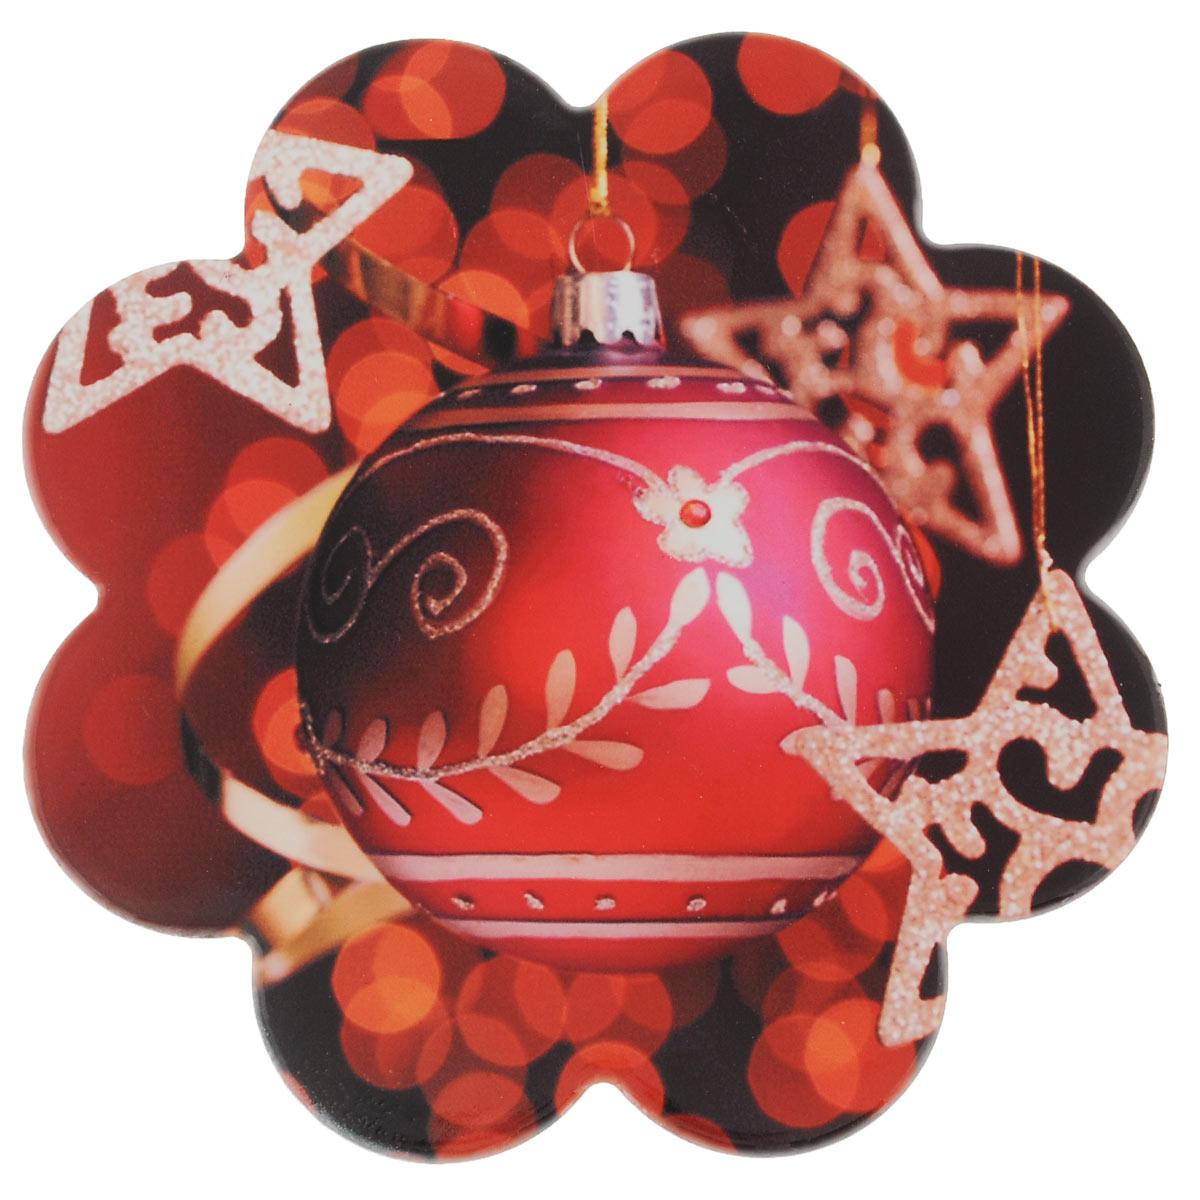 Подставка под горячее Lillo, диаметр 19 см. 216527115510Подставка под горячее Lillo, выполненная из высококачественной керамики, идеально впишется в интерьер современной кухни. Дно, выполненное из пробки, не даст подставке скользить по поверхности стола. Каждая хозяйка знает, что подставка под горячее - это незаменимый и очень полезный аксессуар на каждой кухне. Ваш стол будет не только украшен оригинальной подставкой с красивым новогодним рисунком, но и сбережен от воздействия высоких температур ваших кулинарных шедевров.Диаметр: 19 см. Высота: 1 см.